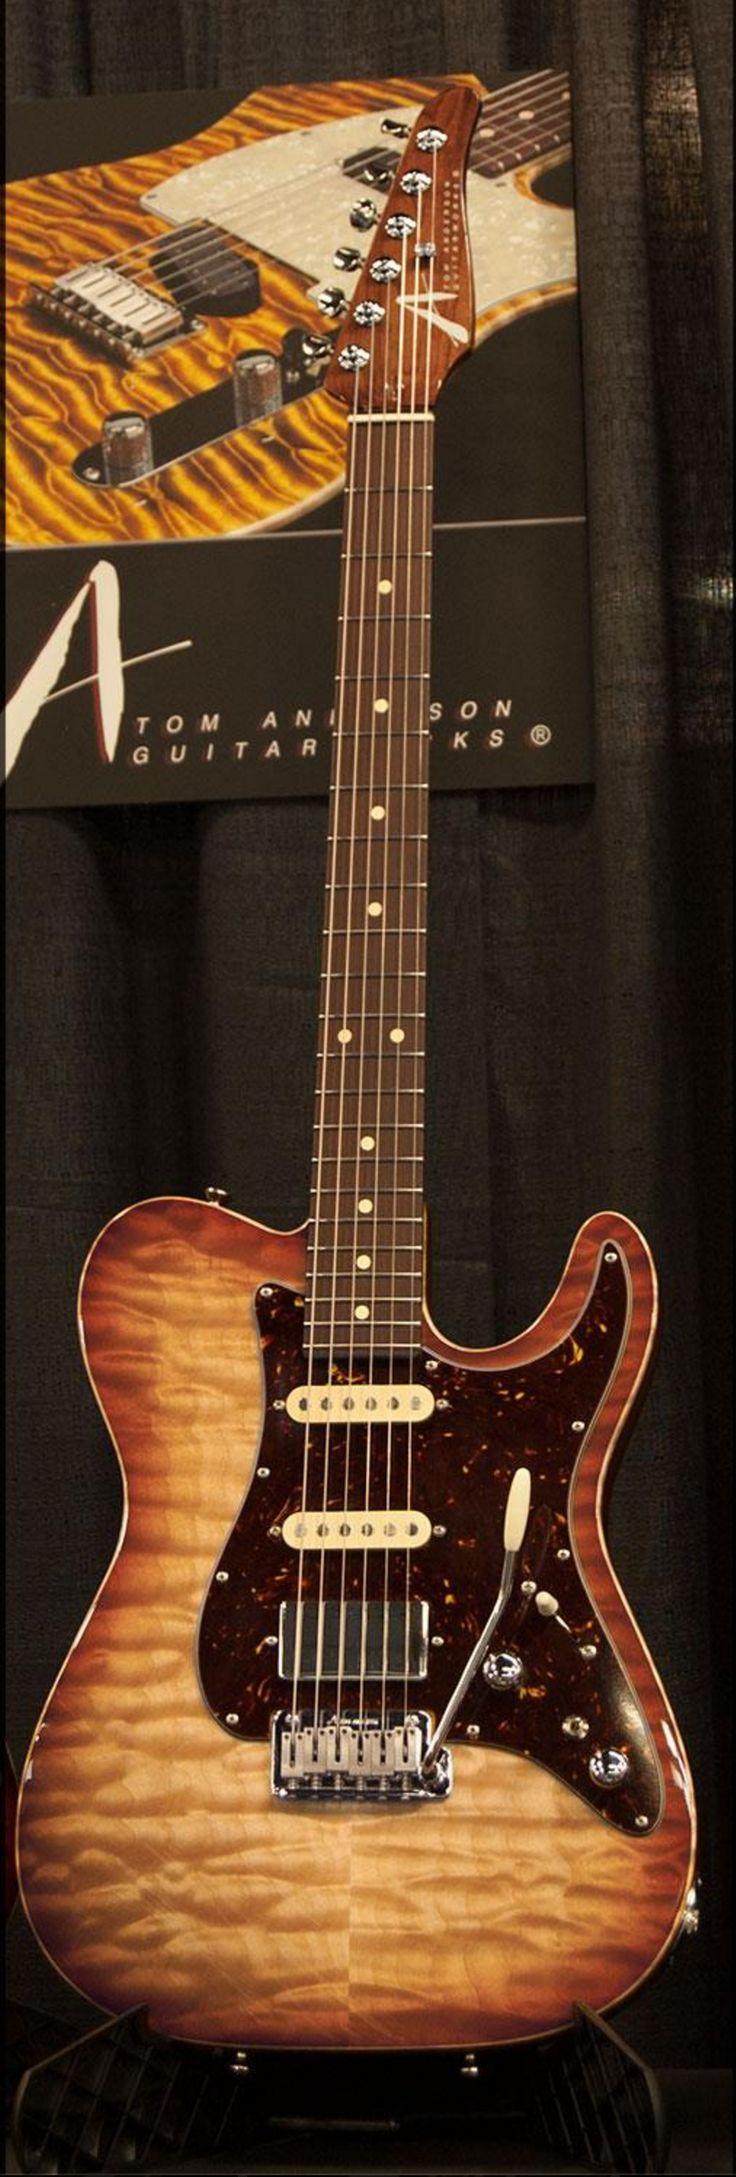 117 best images about tom anderson guitars on pinterest. Black Bedroom Furniture Sets. Home Design Ideas